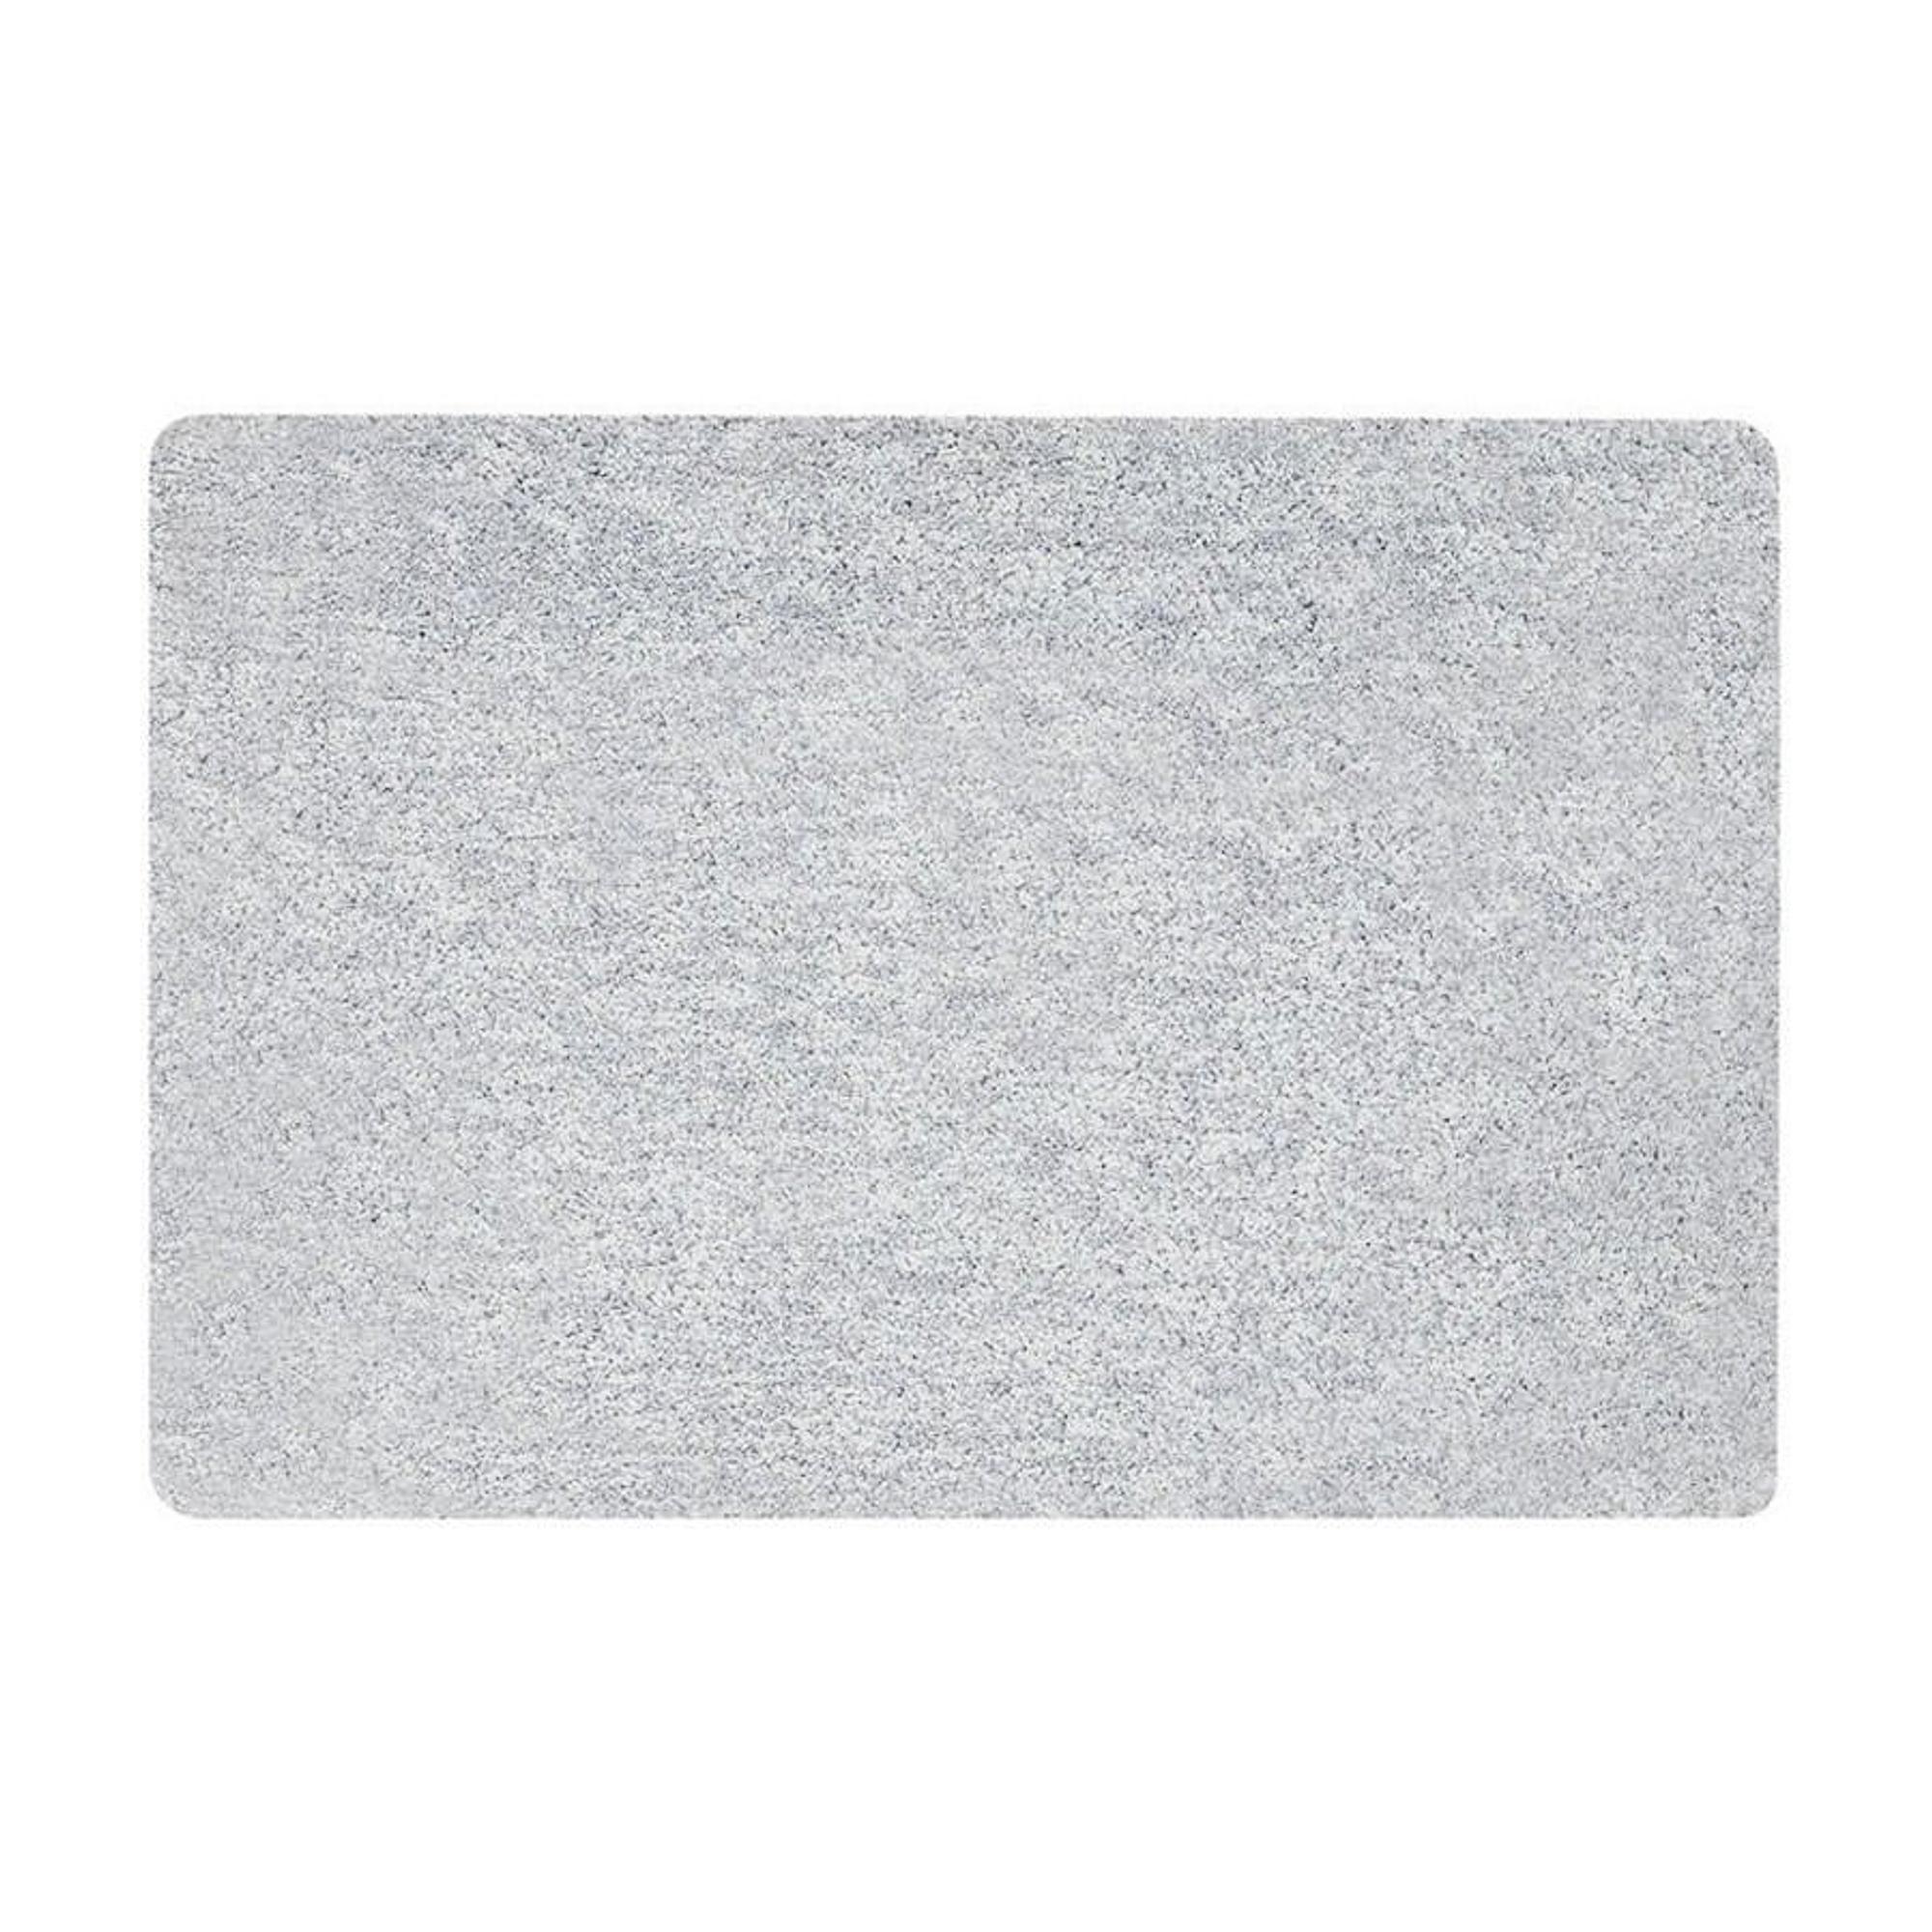 jiangnan лист коврики нескользящей коврик для ванной большой коврик для ванной 43 91см светло голубой Коврик для ванной Spirella Gobi светло-серый 60х90 см